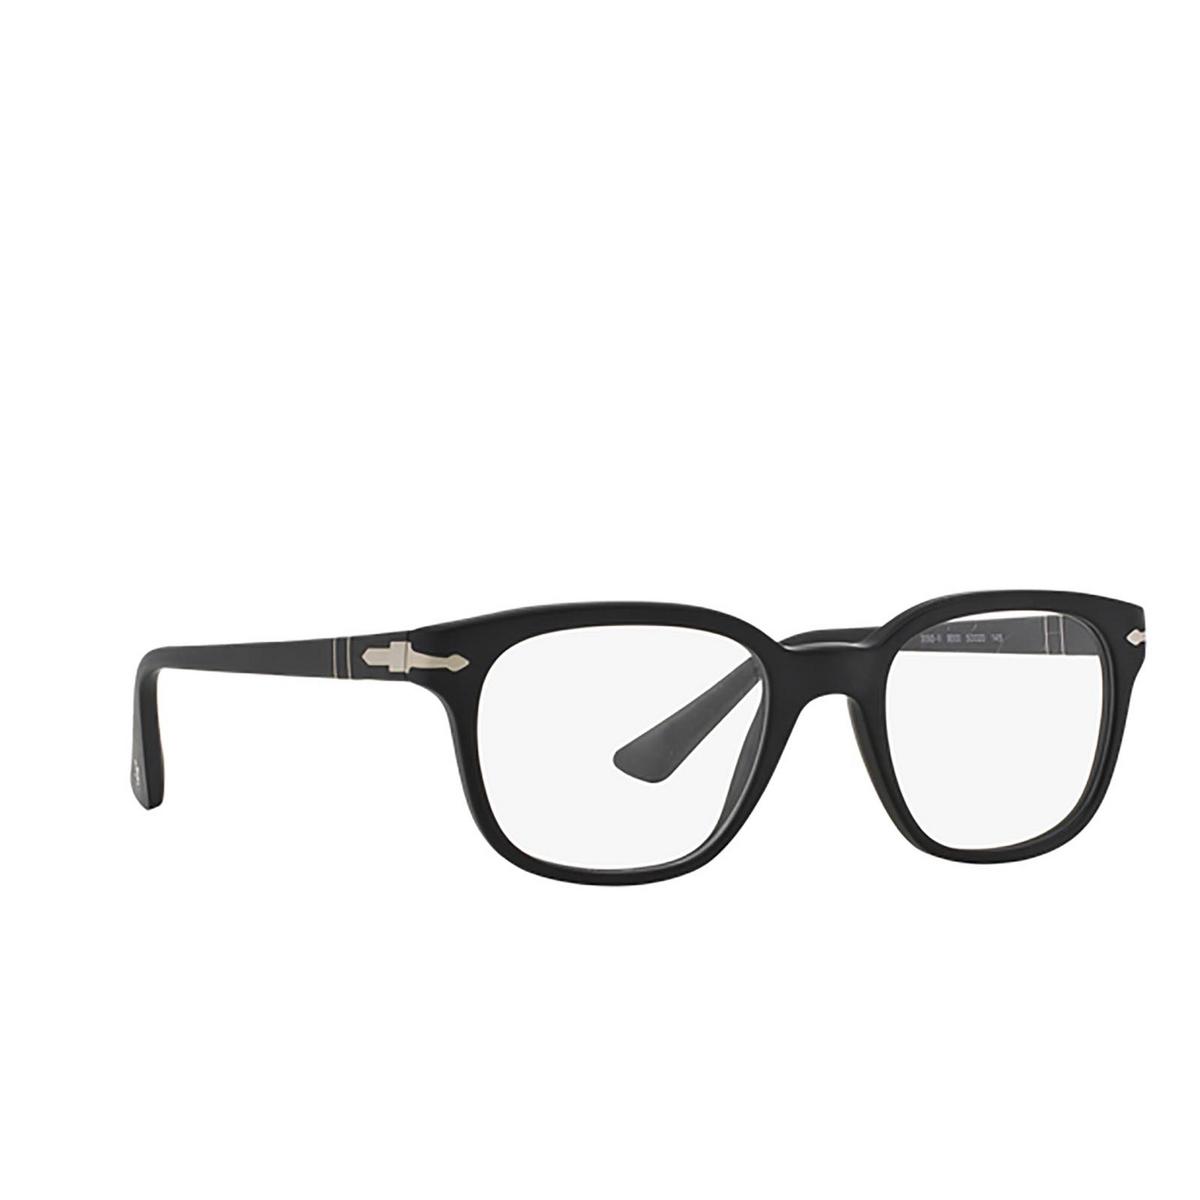 Persol® Square Eyeglasses: PO3093V color Black 9000 - three-quarters view.